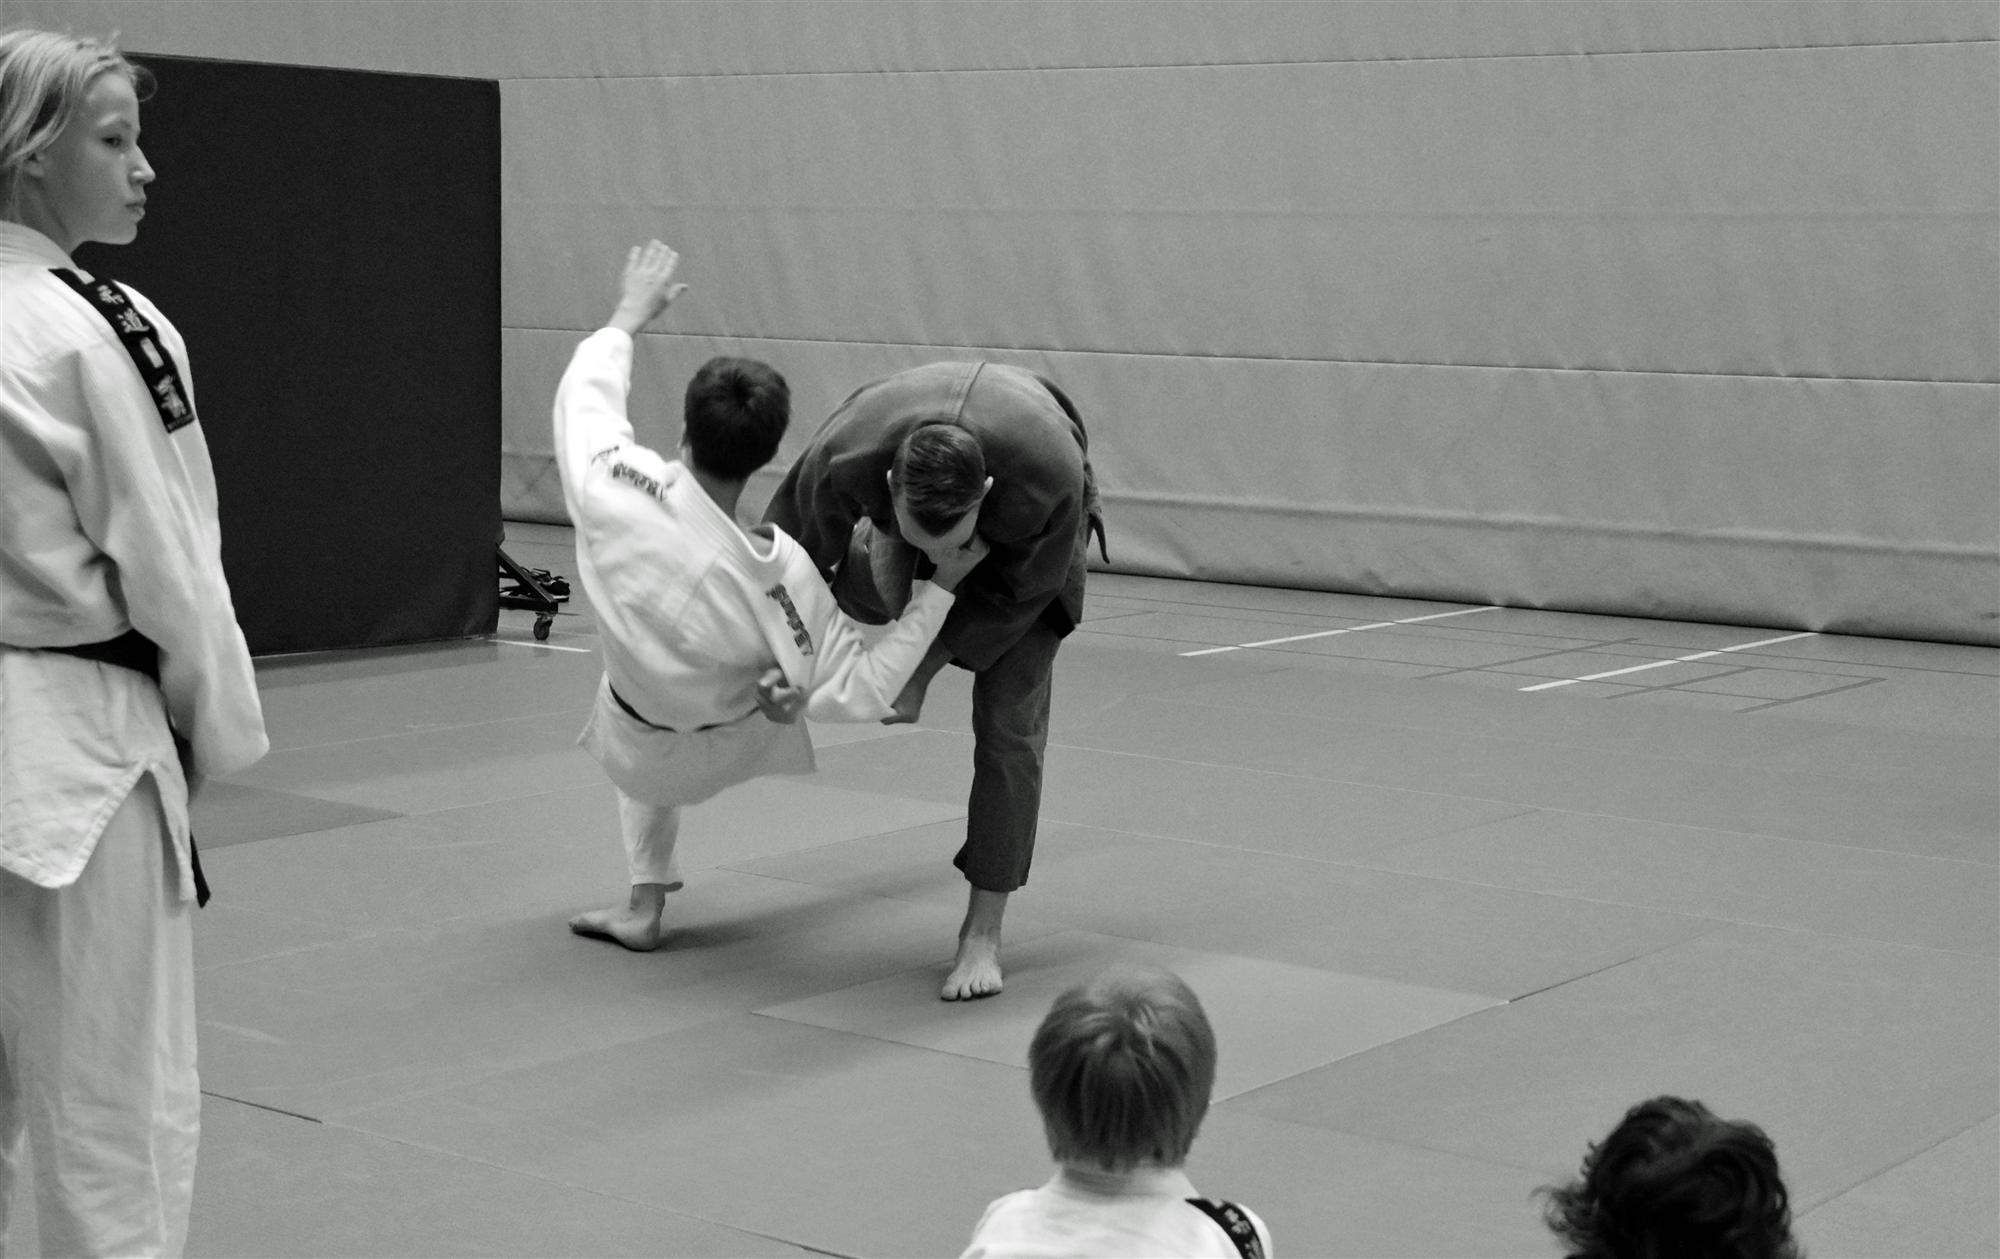 http://judoclubbrunssum.nl/en/iw-courses/wedstrijdtrainingen/